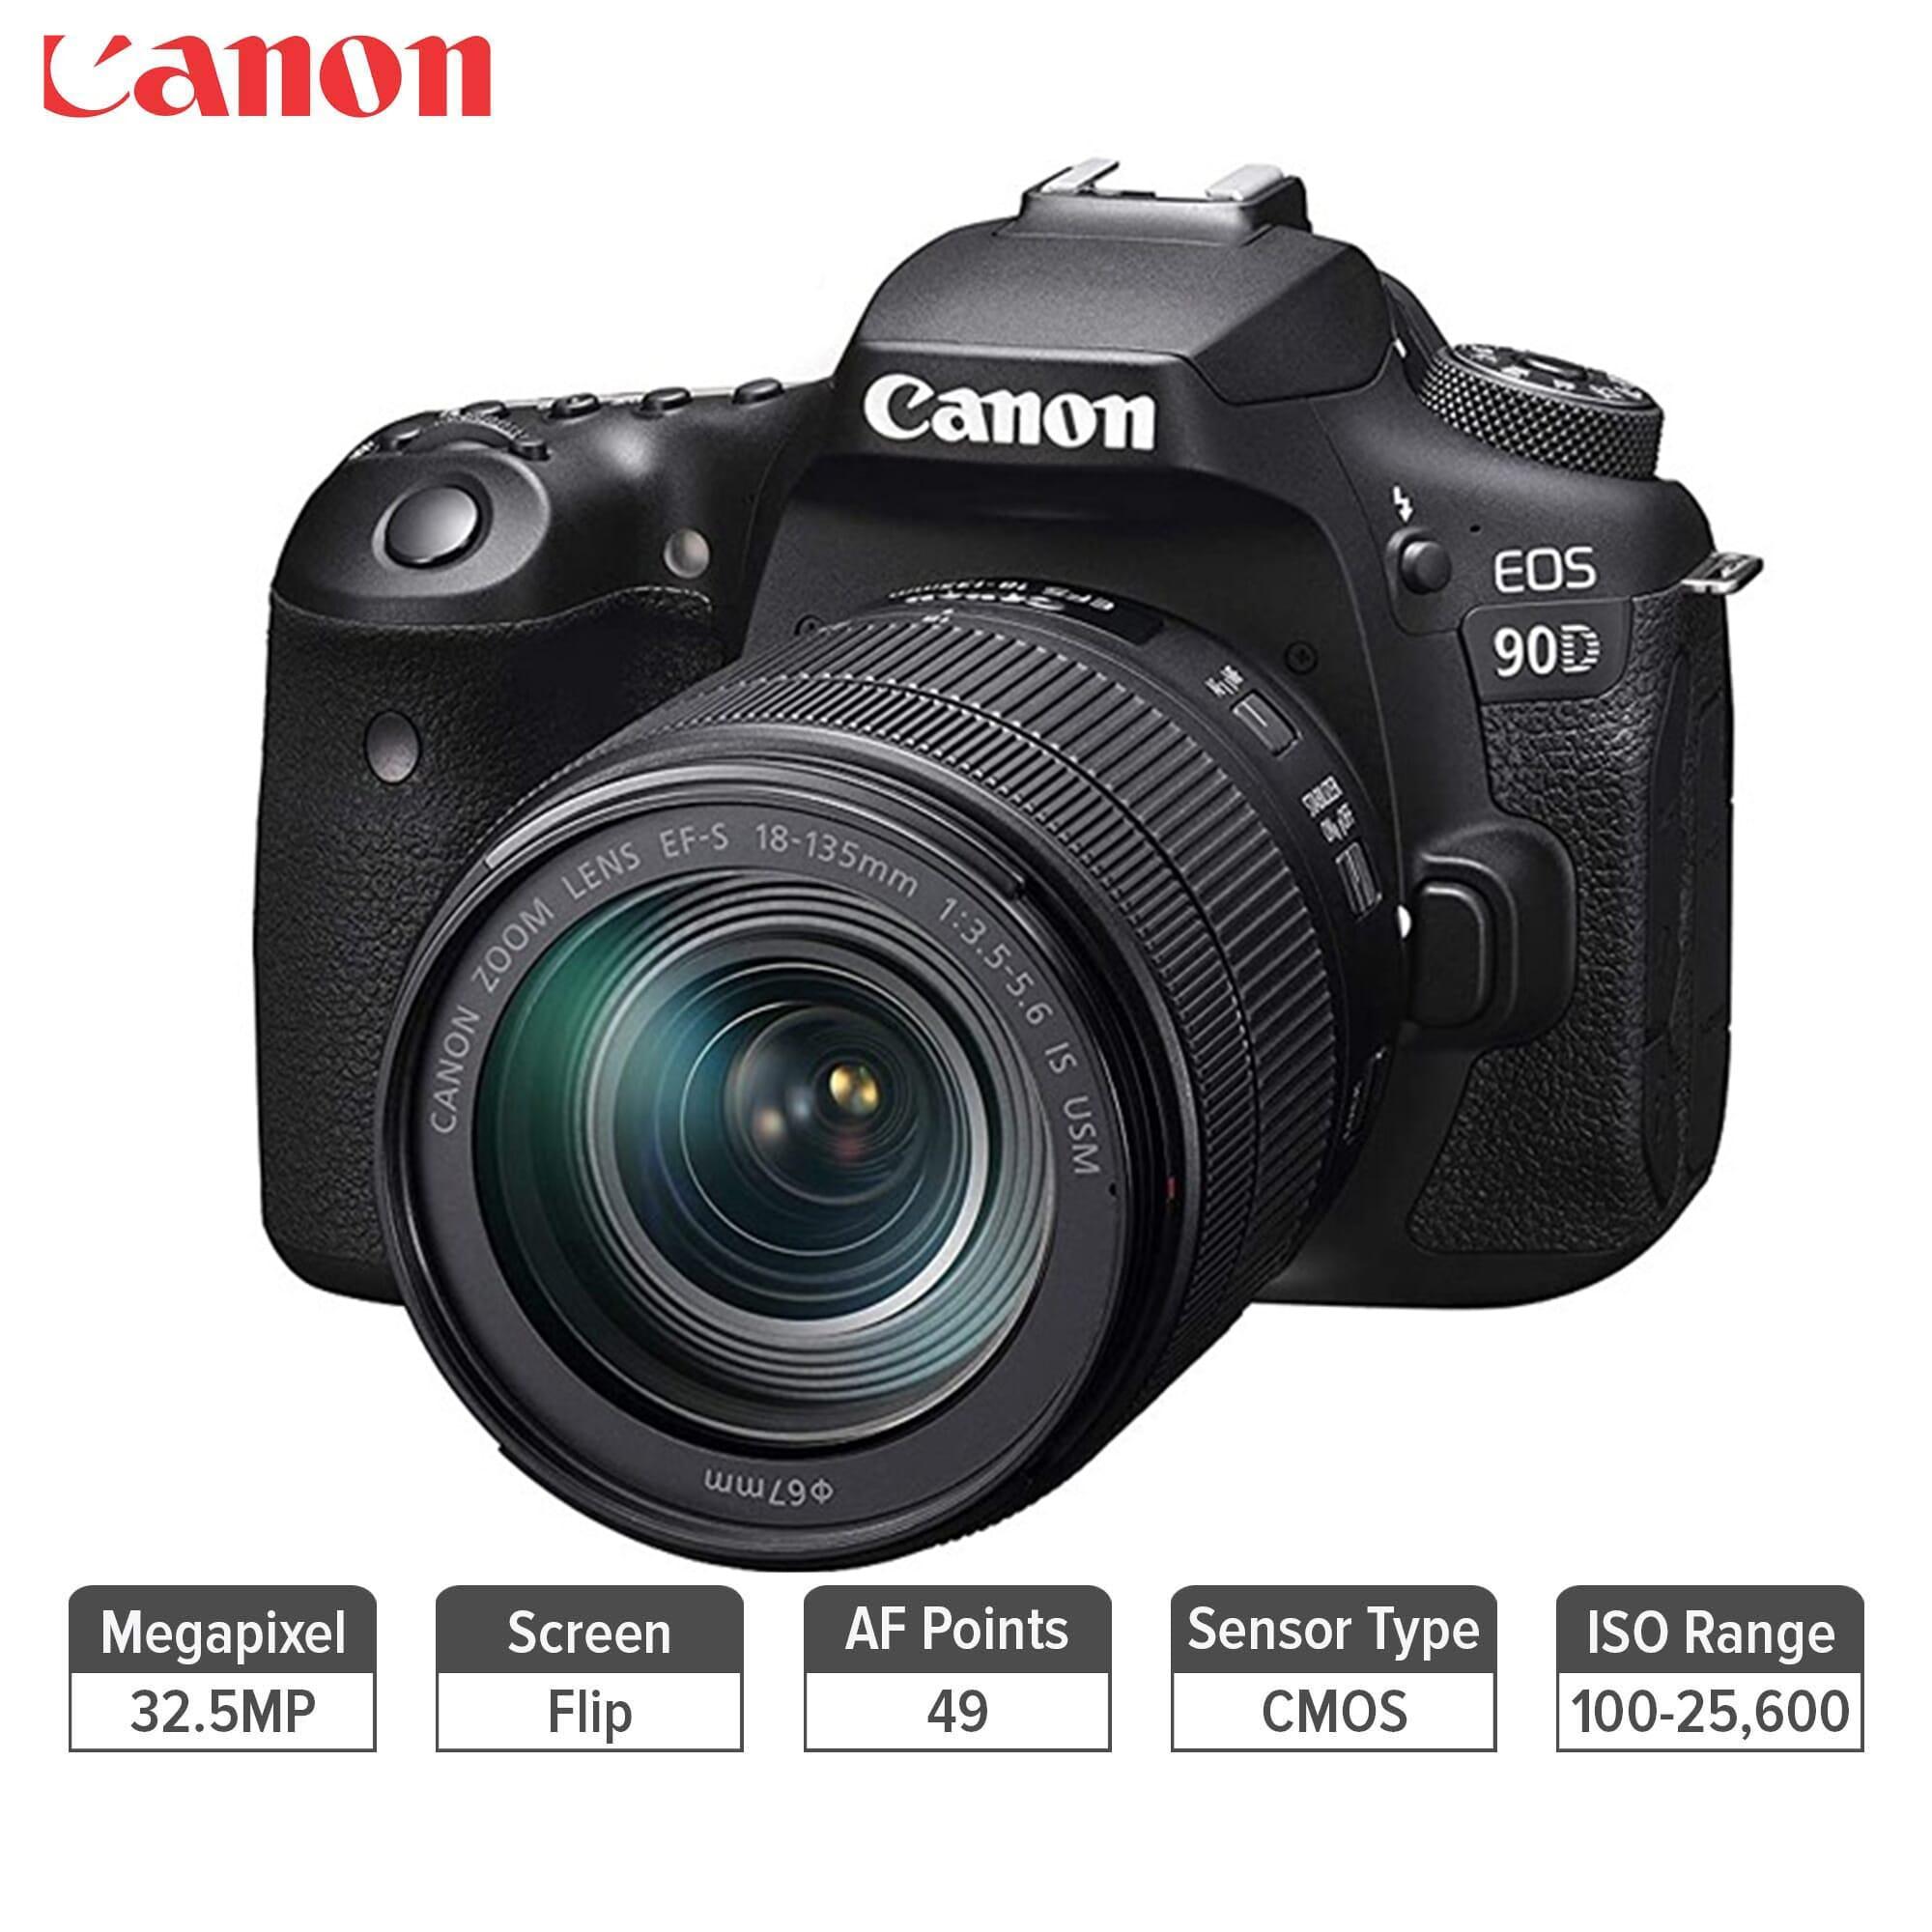 Canon Eos 90D Digital Slr Camera With Ef-S 18-135Mm F/3.5-5.6 Image Stabilisation Usm Lens Kit (16 Gb Sd Card) - Black